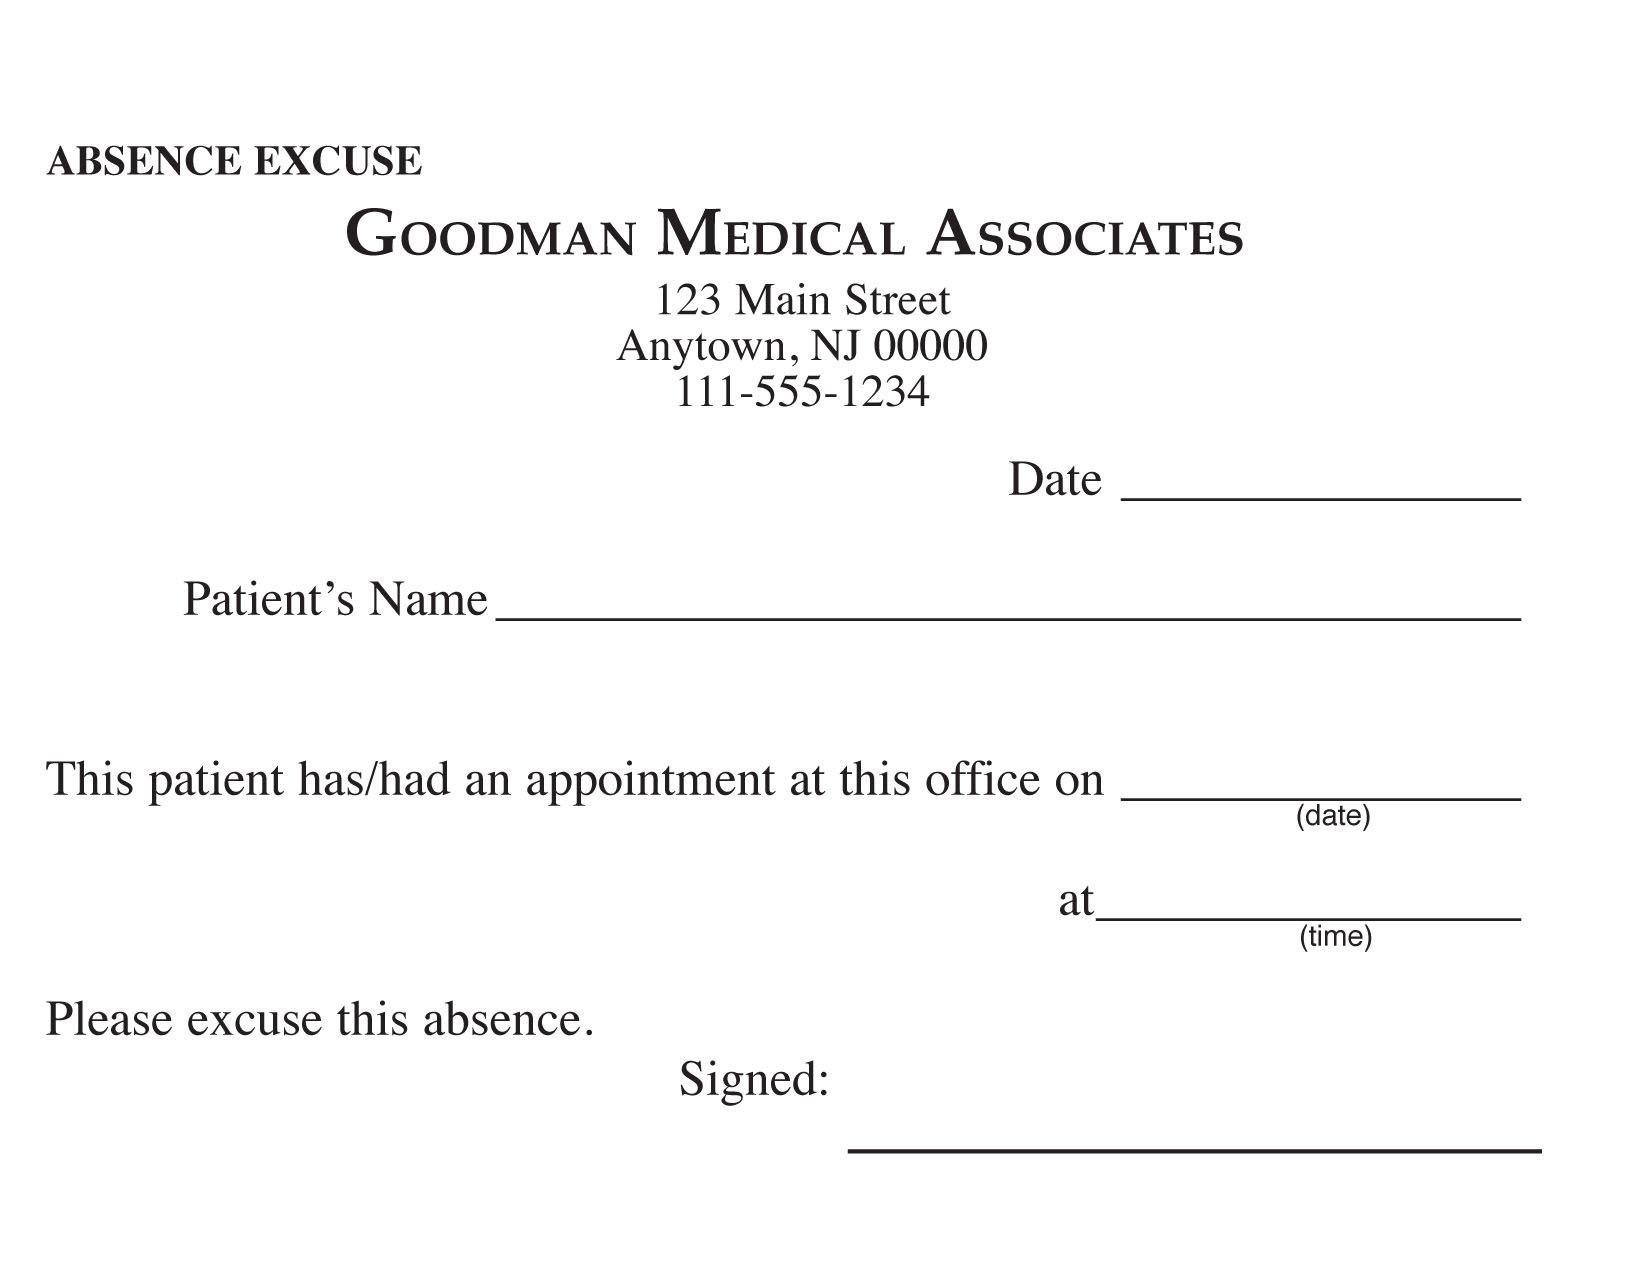 Blank Printable Doctor Excuse Form | Keskes Printing - Mds - Free Printable Doctor Excuse Notes